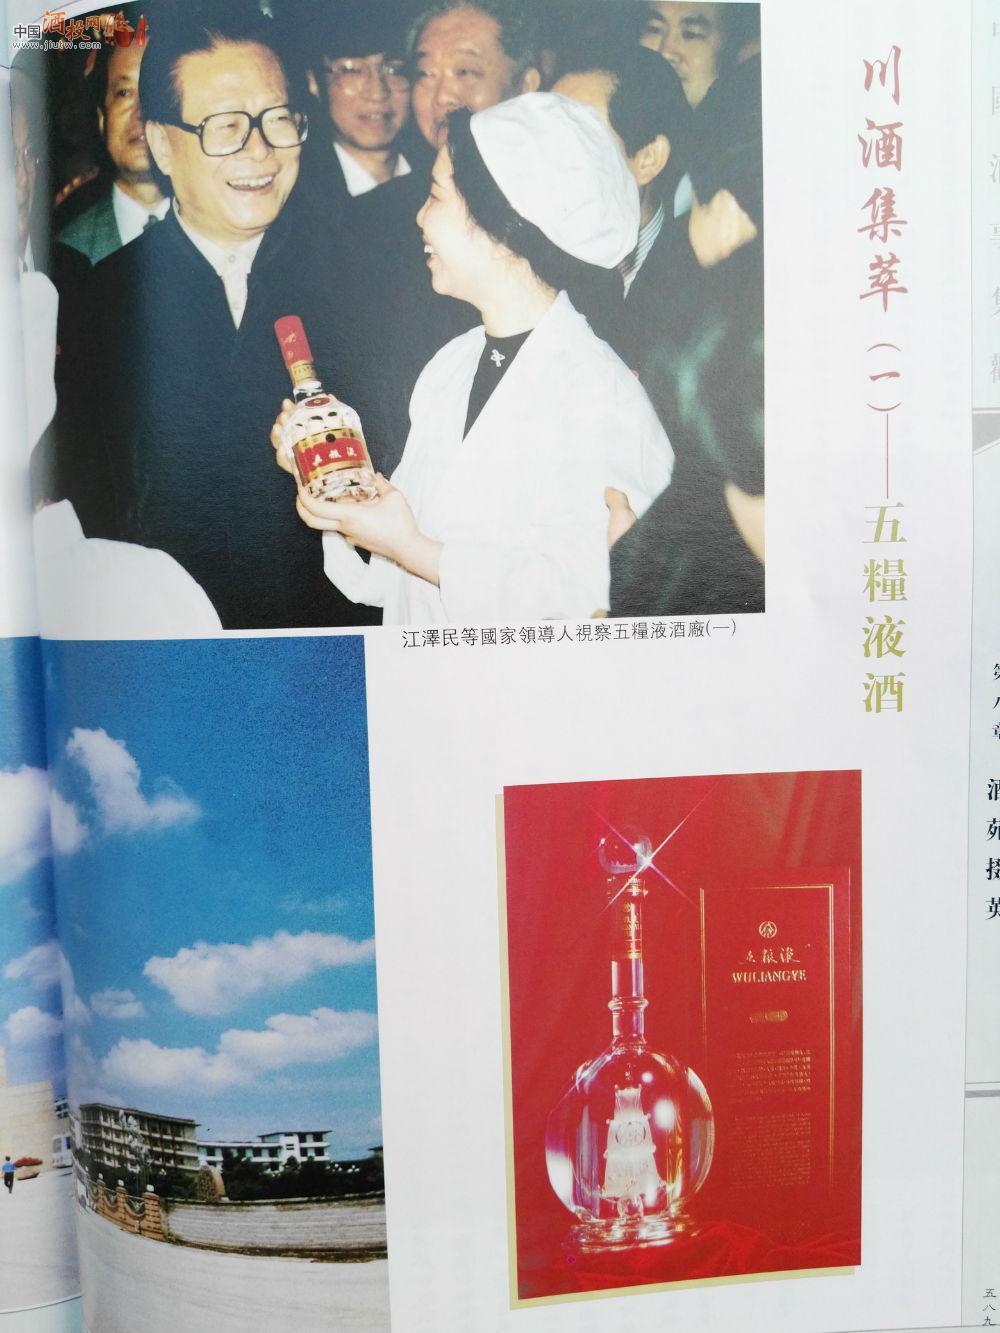 王效金_1,著者王效金,曾任古井贡酒厂长.